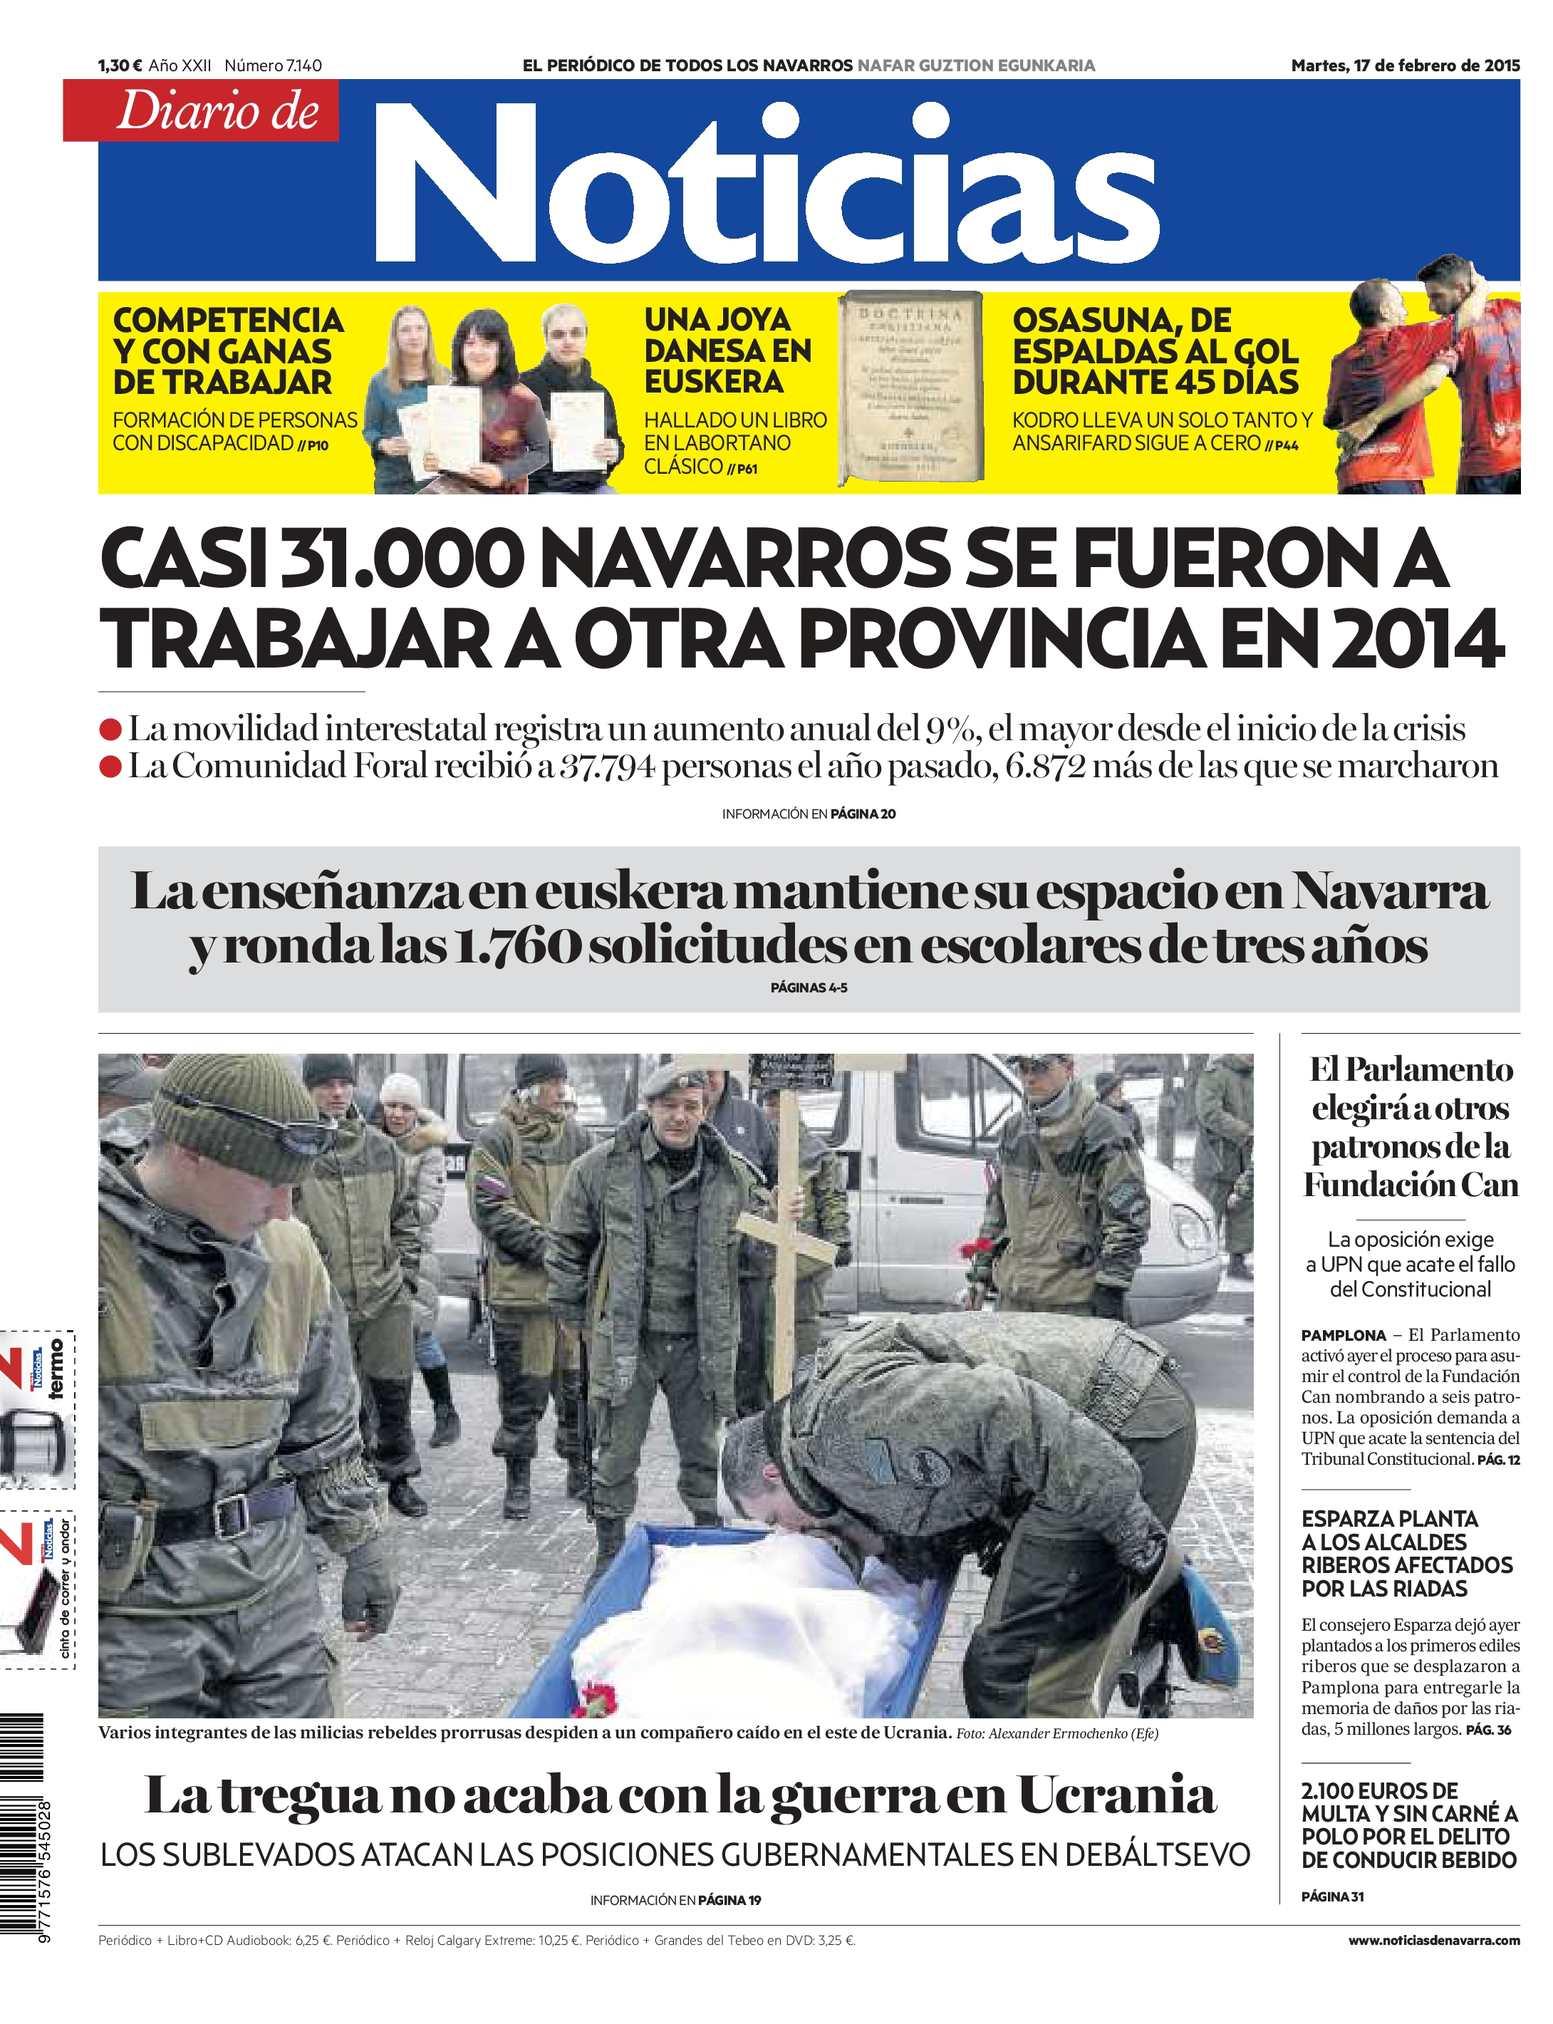 ef34405597d5 Calaméo - Diario de Noticias 20150217